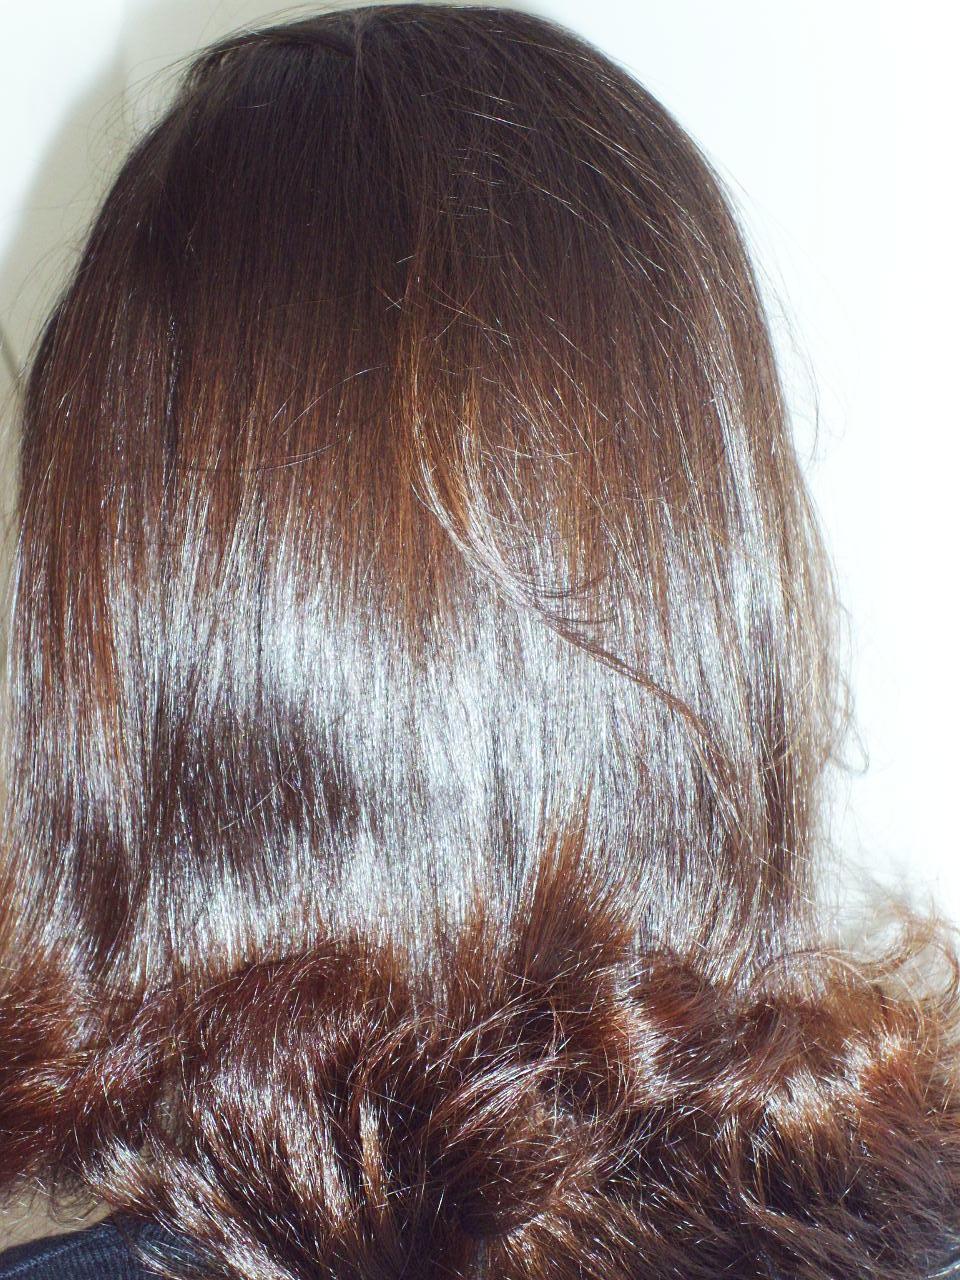 para realçar o cabelo foi sugerido  uma balaiagen nos cabelos e foi realizado o serviço para realçar o penteado preso e produzir volume, pois ela tinha cabelo muito fino. cabeleireiro(a) docente / professor(a) maquiador(a) stylist /visagista